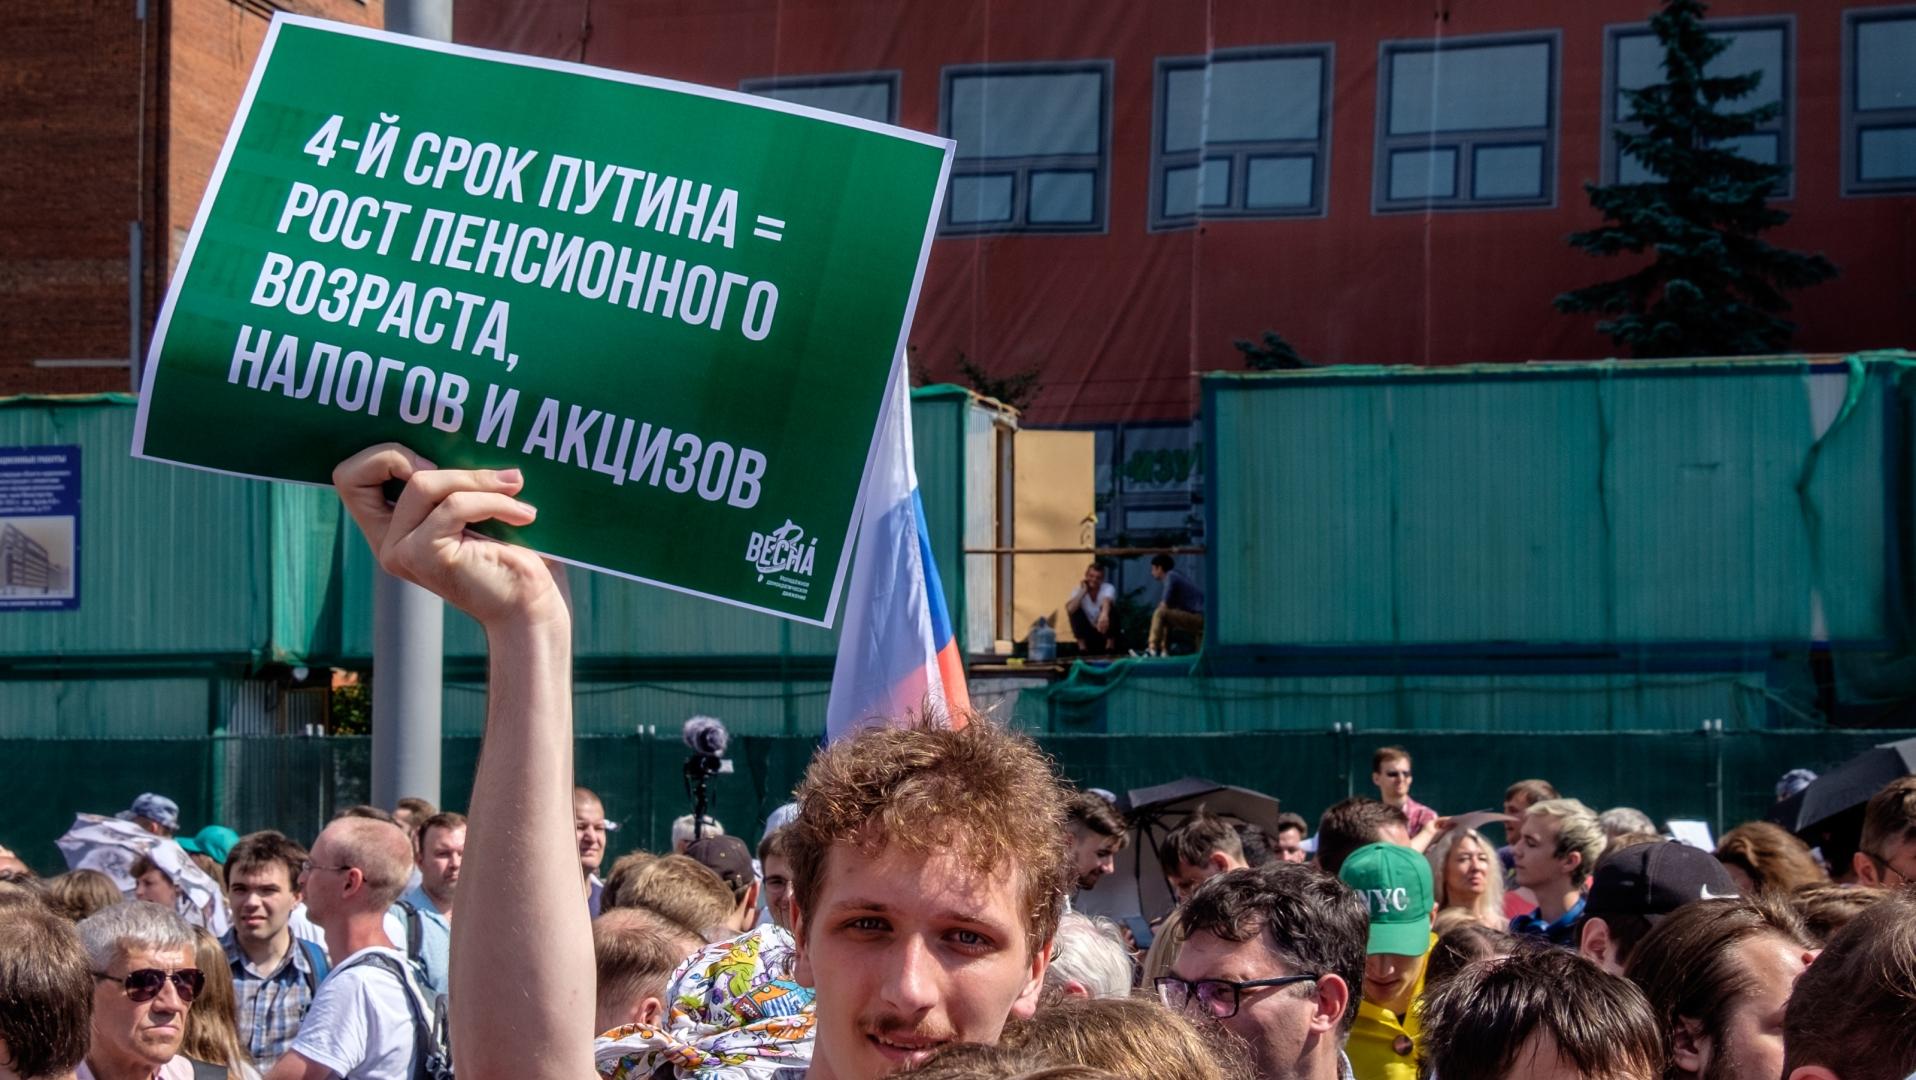 Митинг против пенсионной реформы на Сахарова